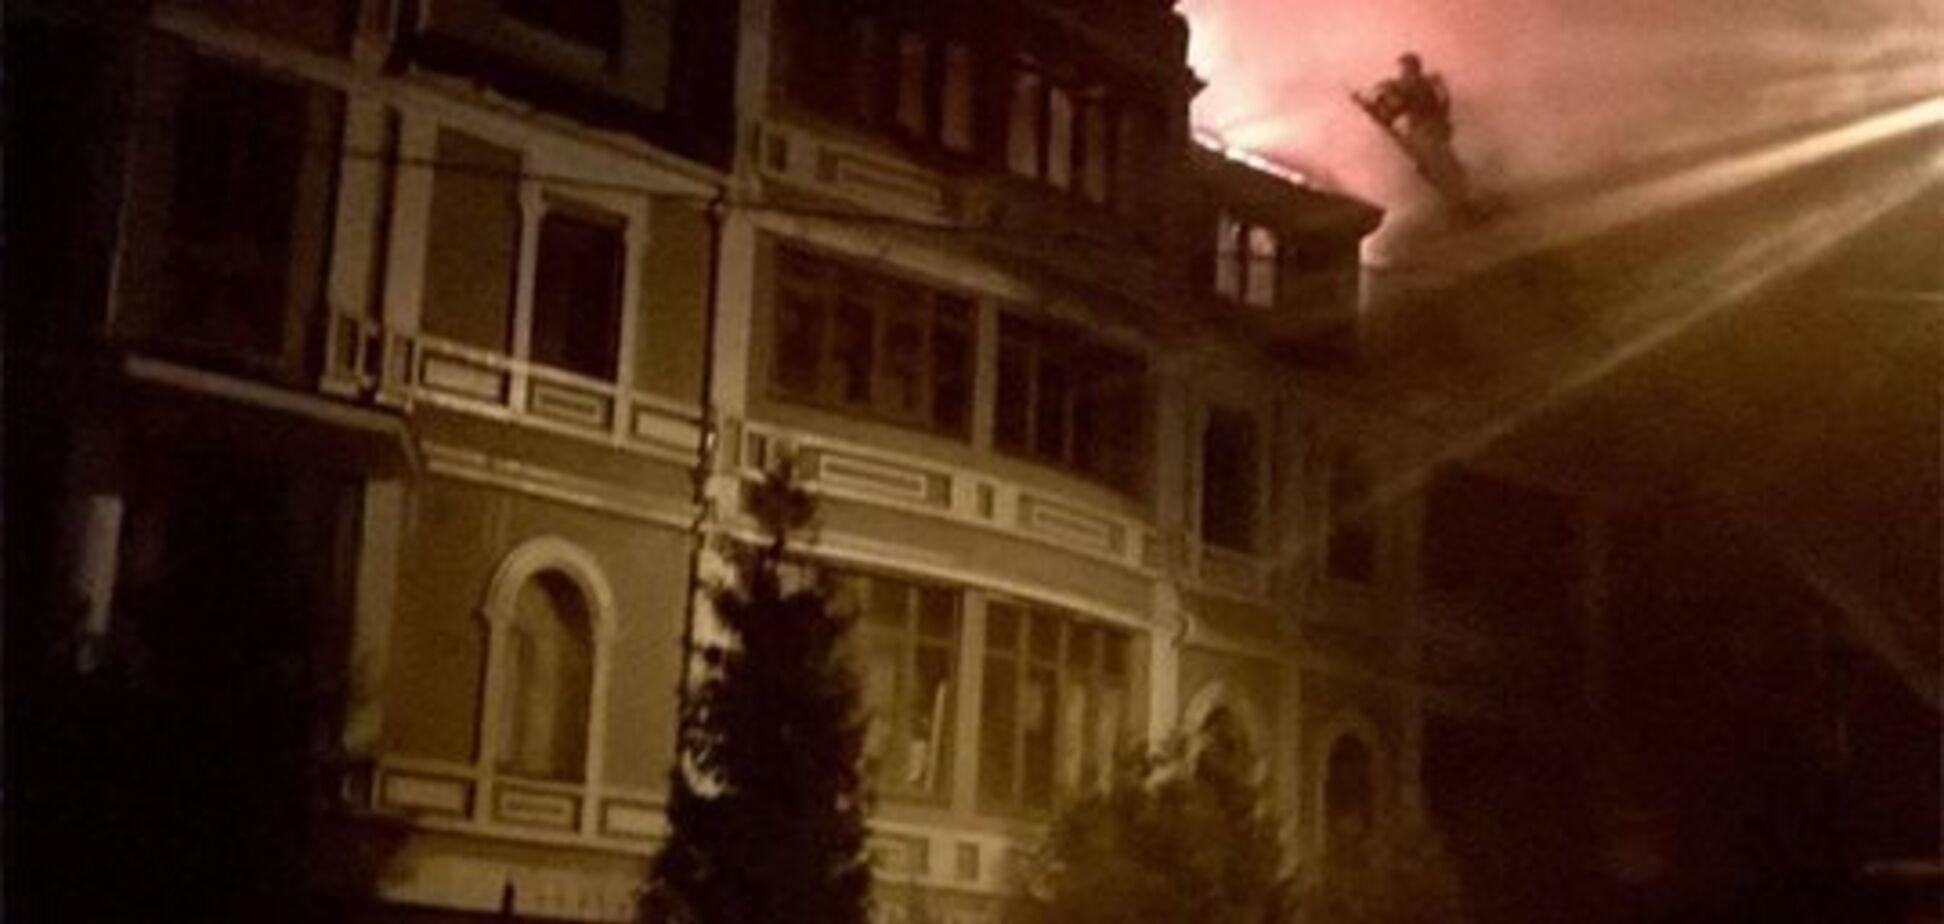 'Мы все сгорели бы заживо': в Киеве вспыхнул мощный пожар в общежитии для переселенцев